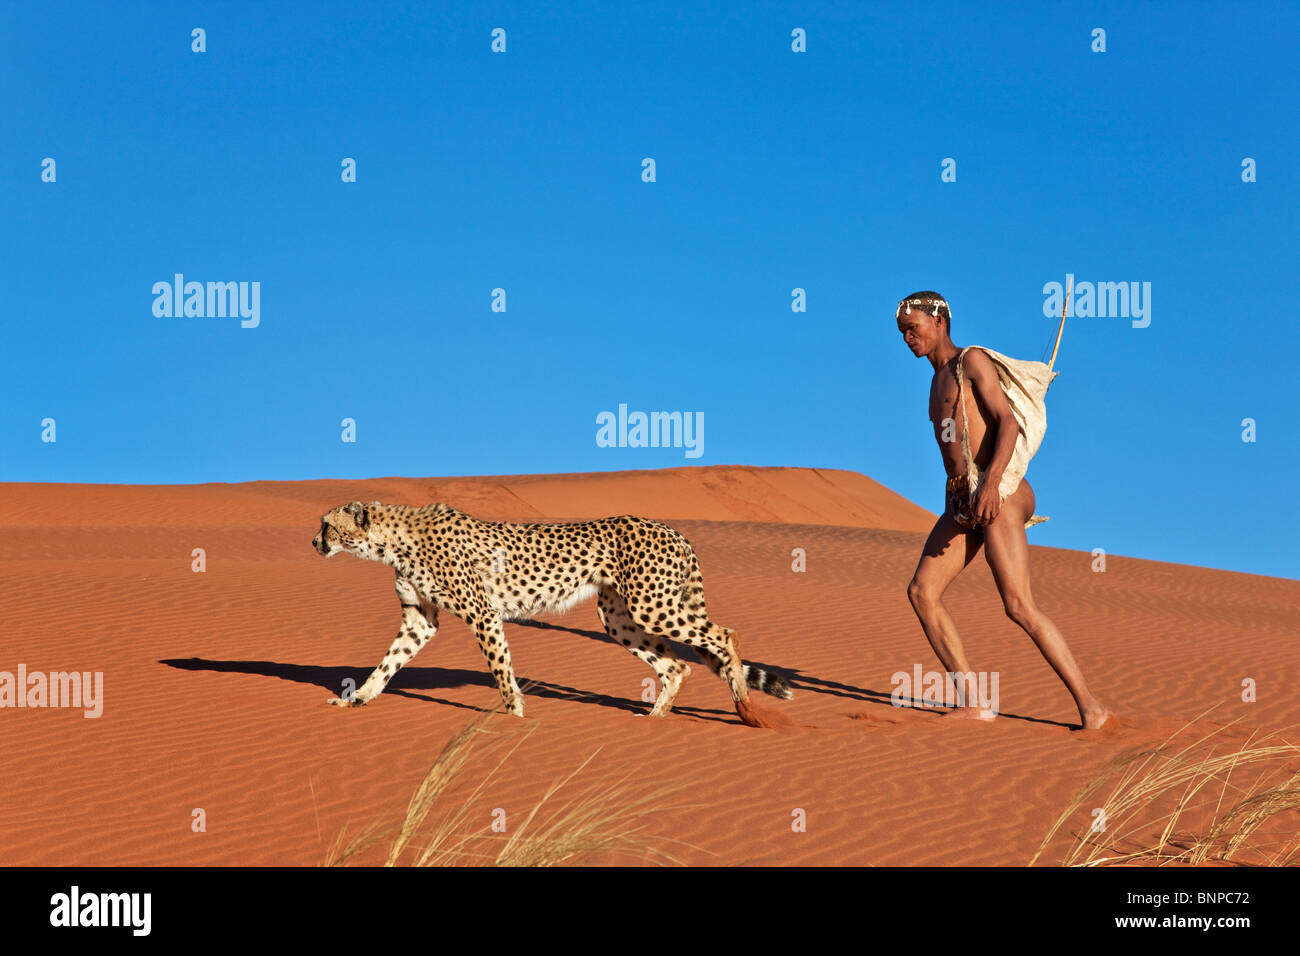 San cacciatori armati di arco tradizionale e la freccia con il ghepardo Foto Stock